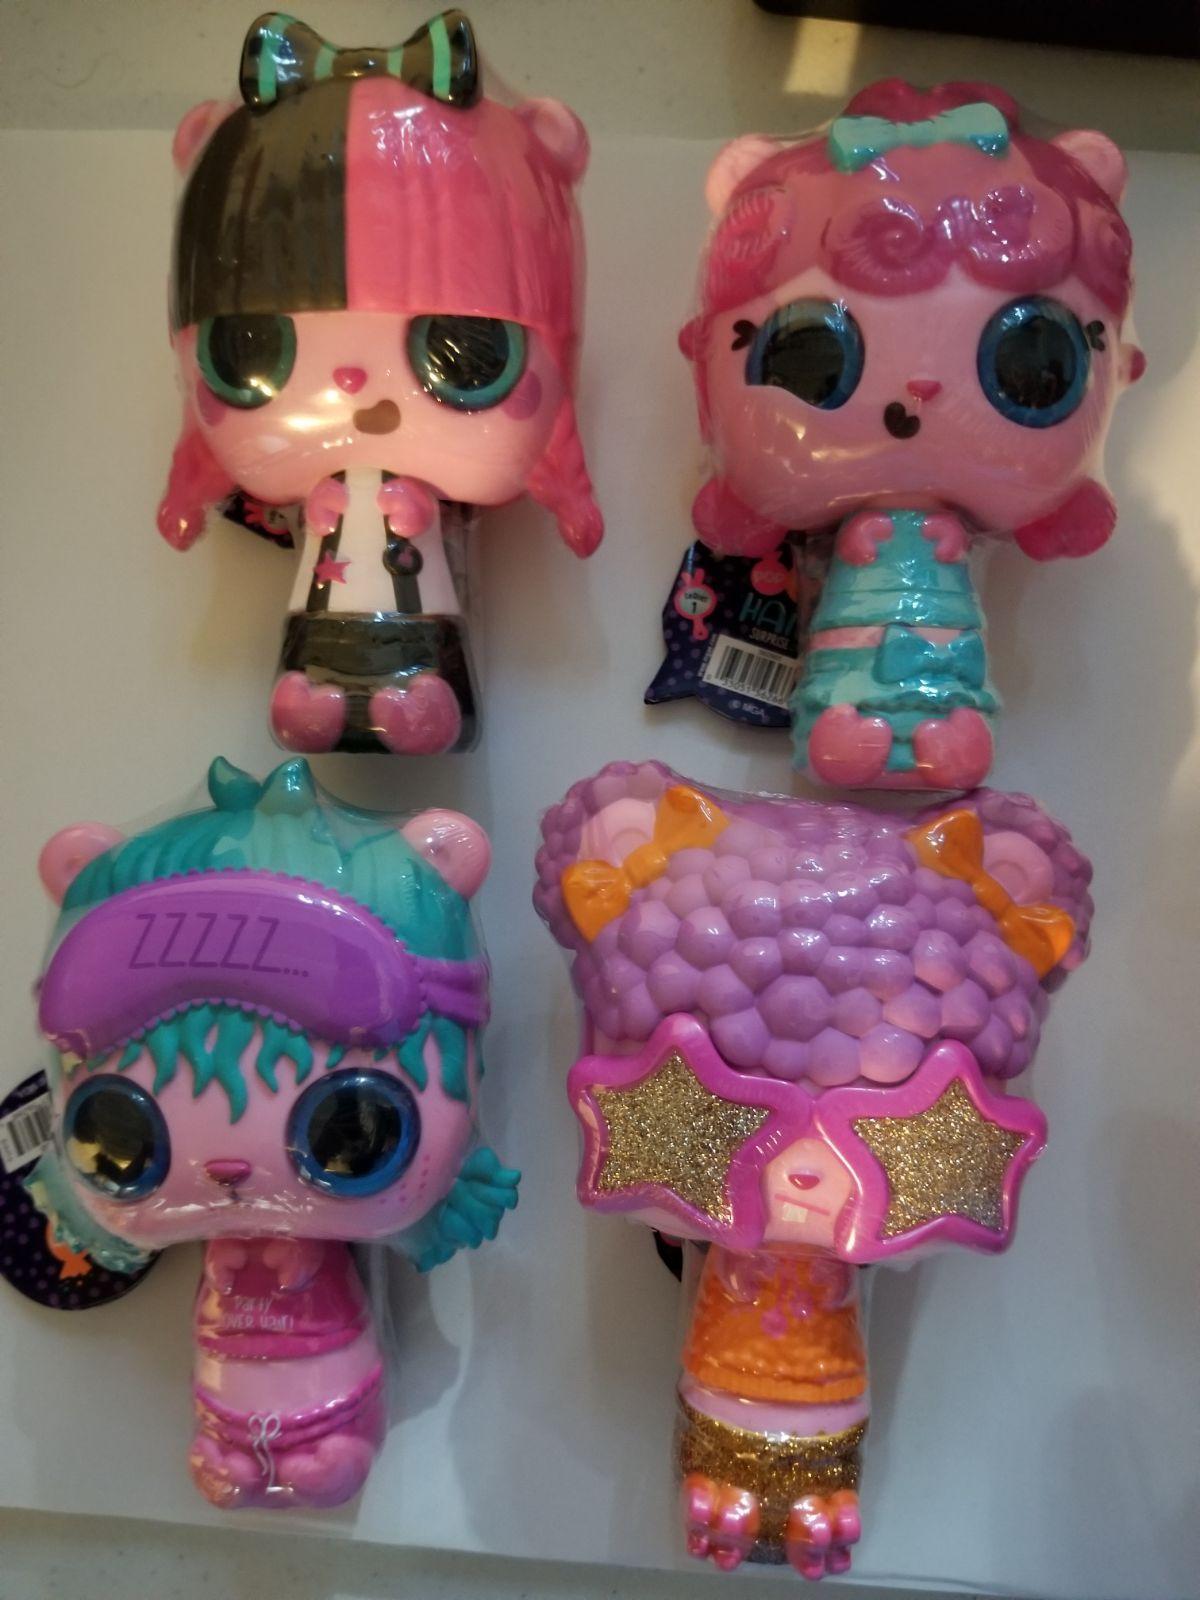 4x Mga Pop Pop Hair Surprise 3 1 Pop Pet On Mercari Pop Hair Pets Playset